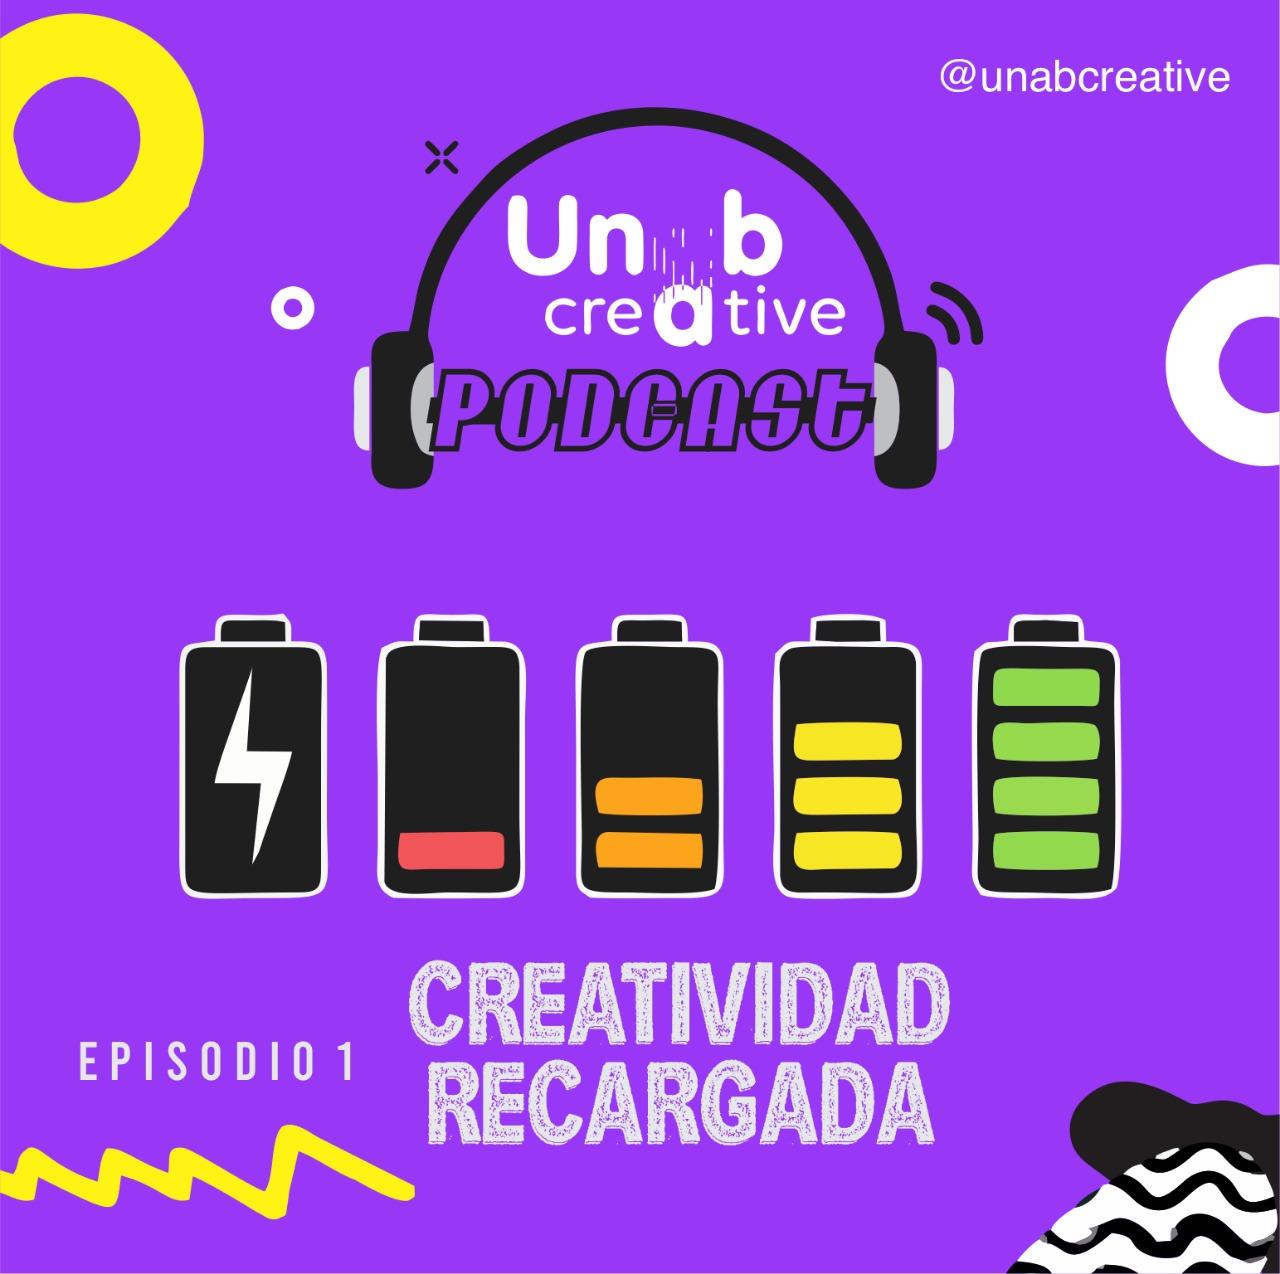 crea_recargada